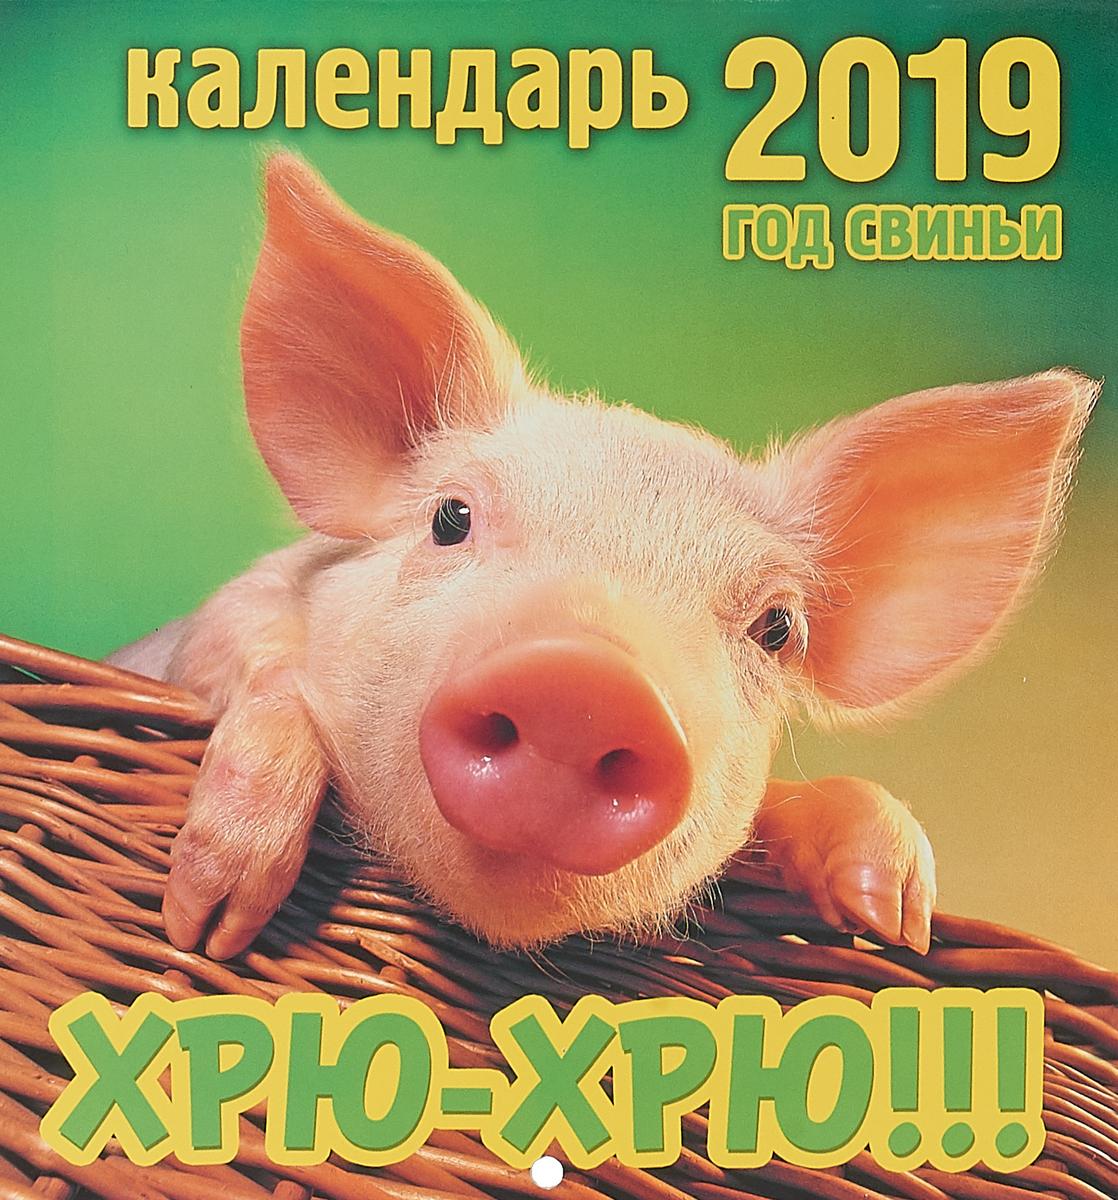 Календарь перекидной на 2019 год. Хрю-хрю! календарь перекидной на 2019 год кошачье семейство